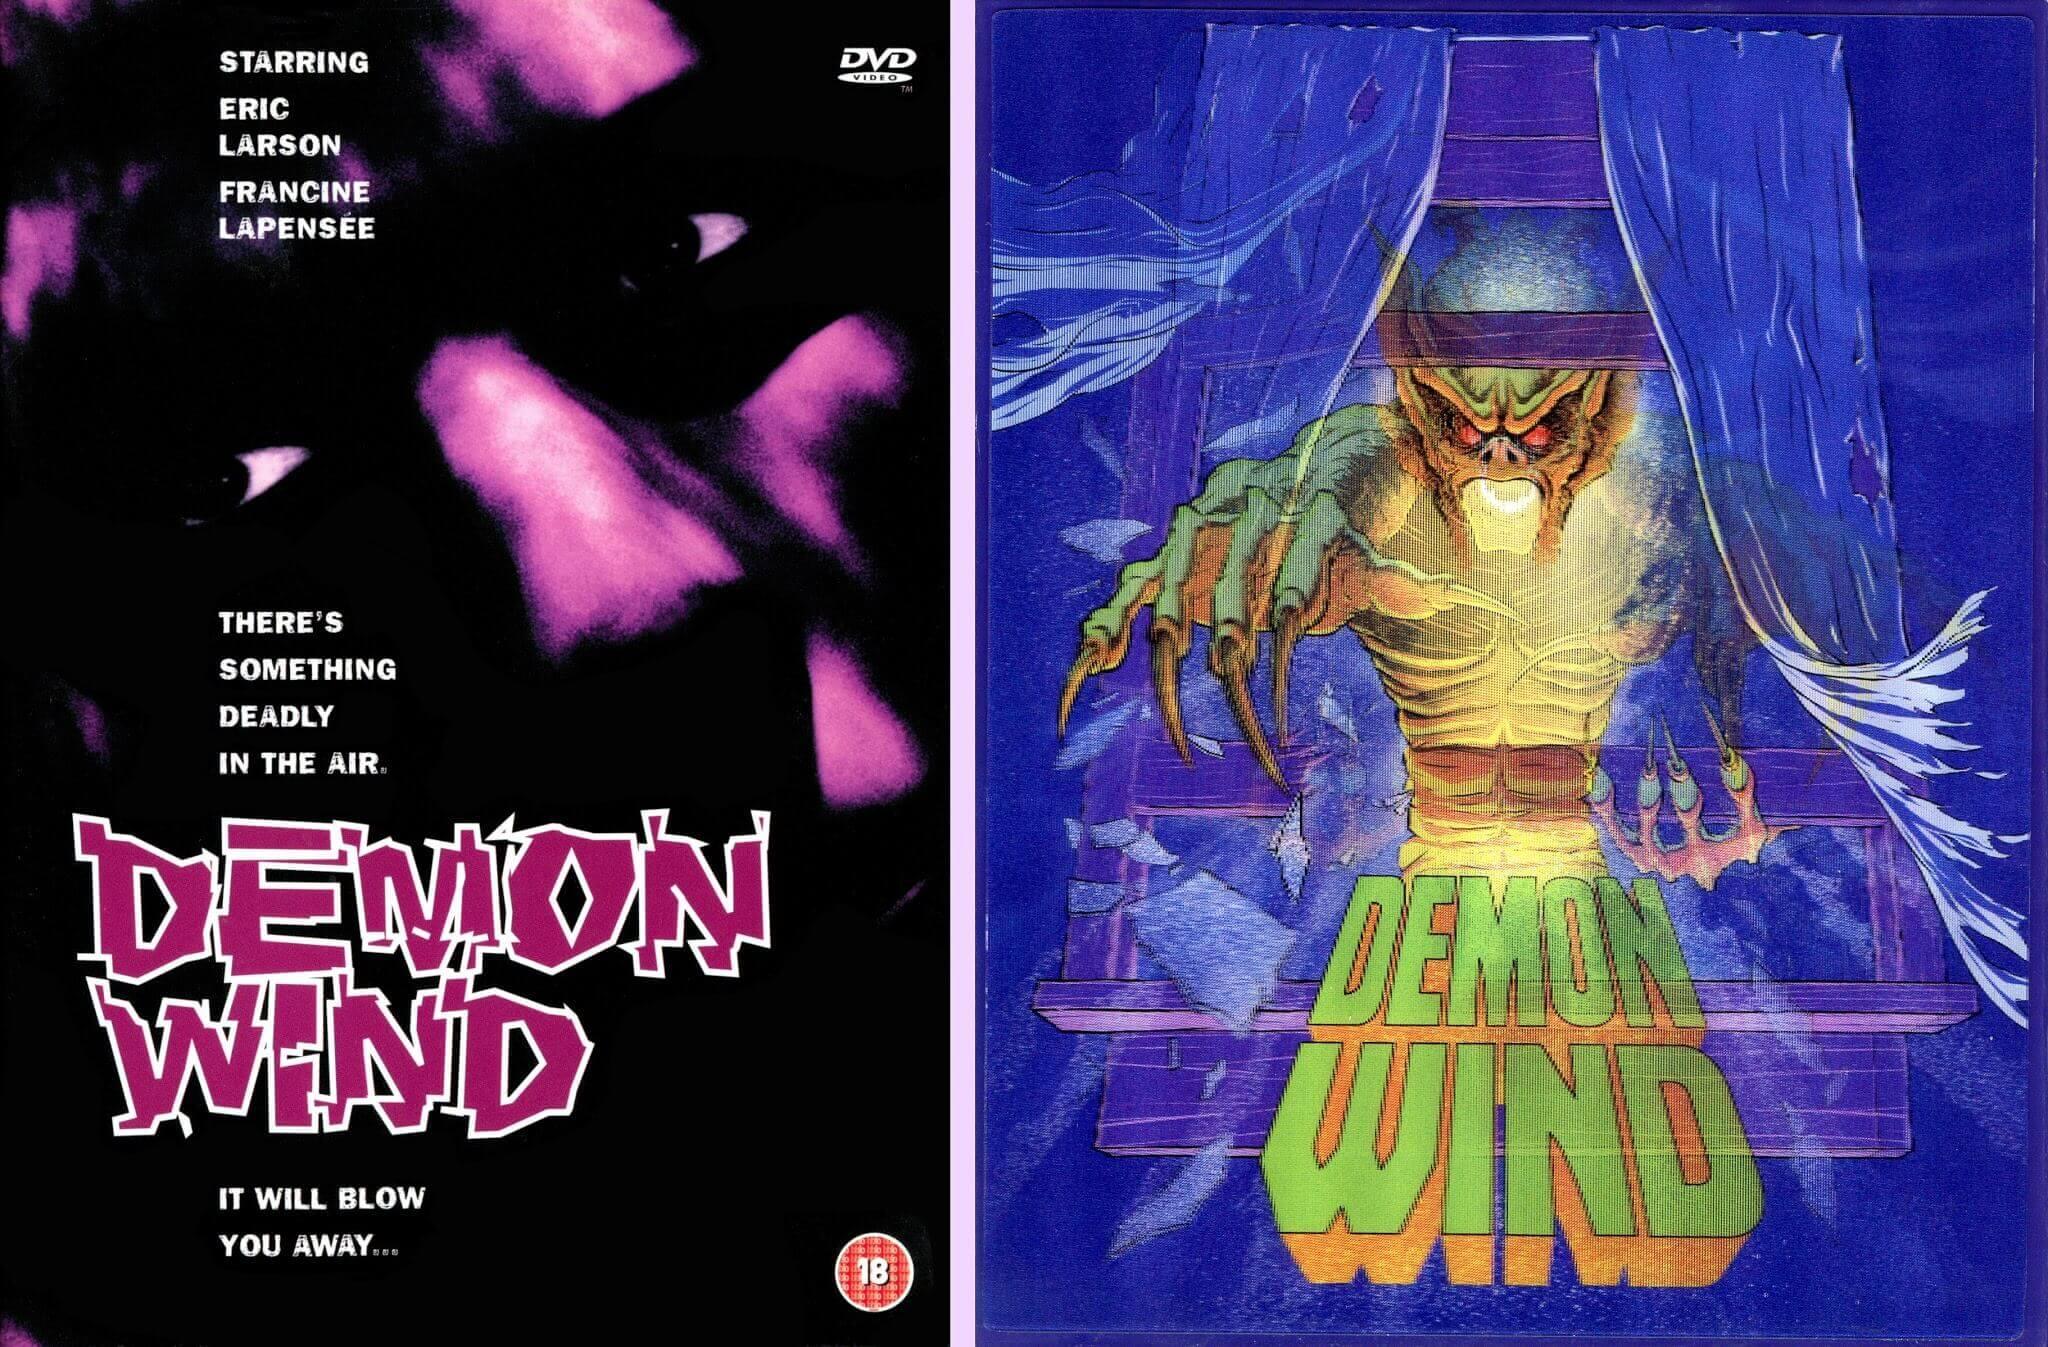 فيلم Demon Wind 1990 مترجم للكبار فقط